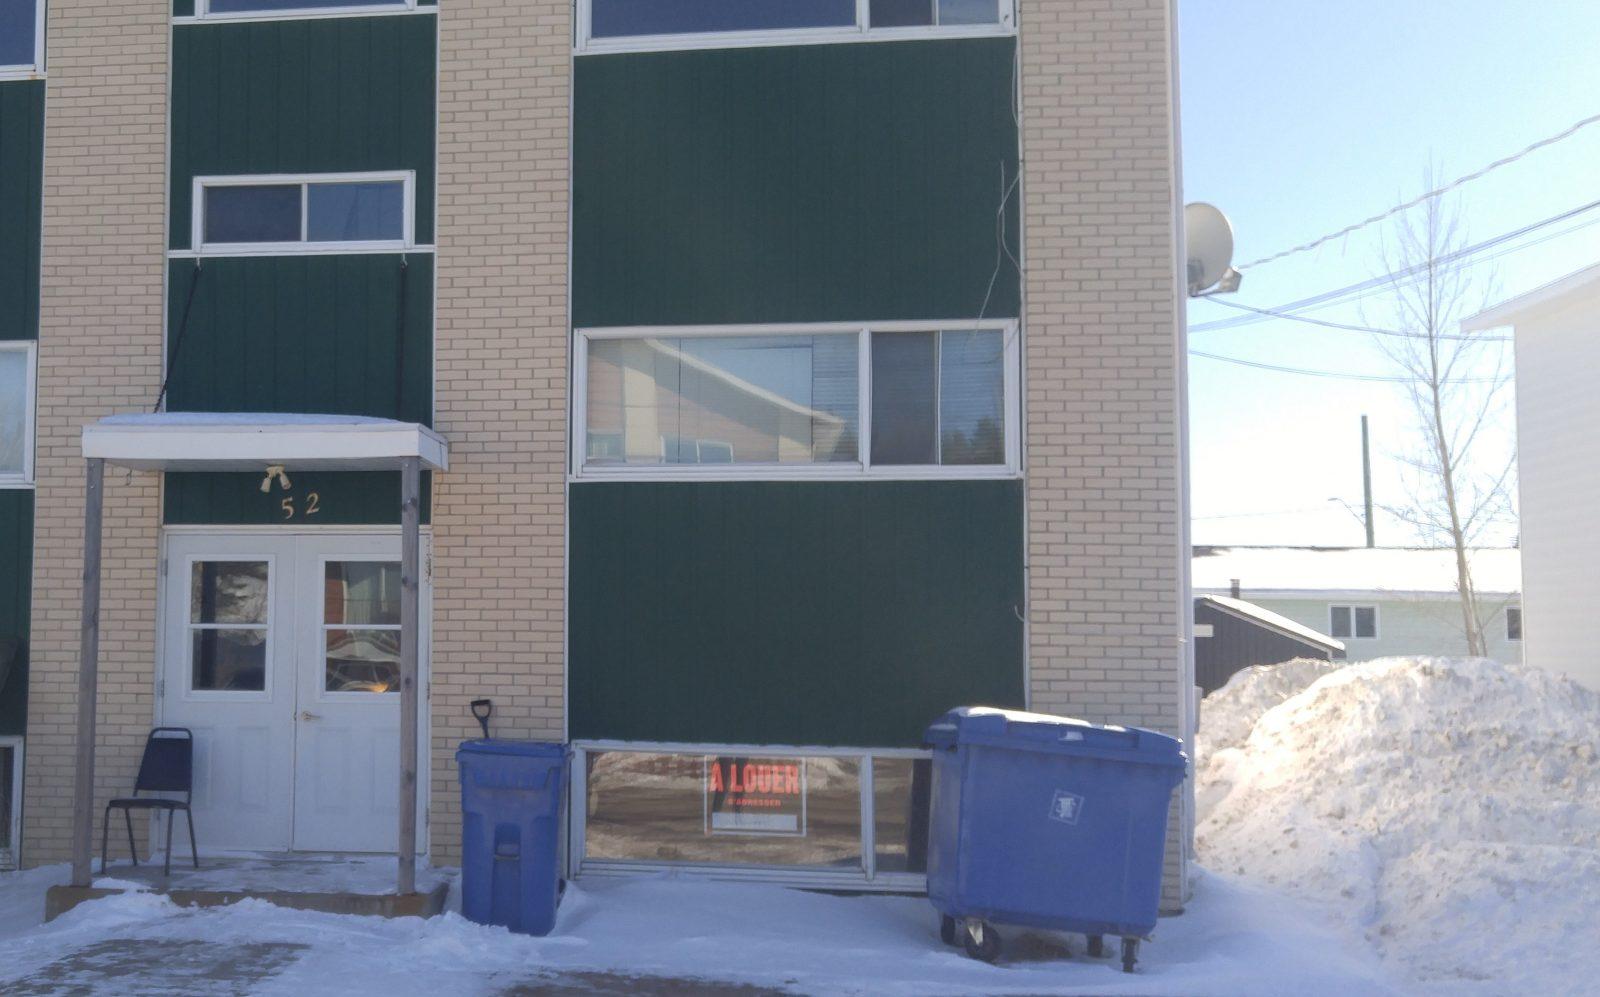 Le nombre de logements vacants se raréfie à Baie-Comeau